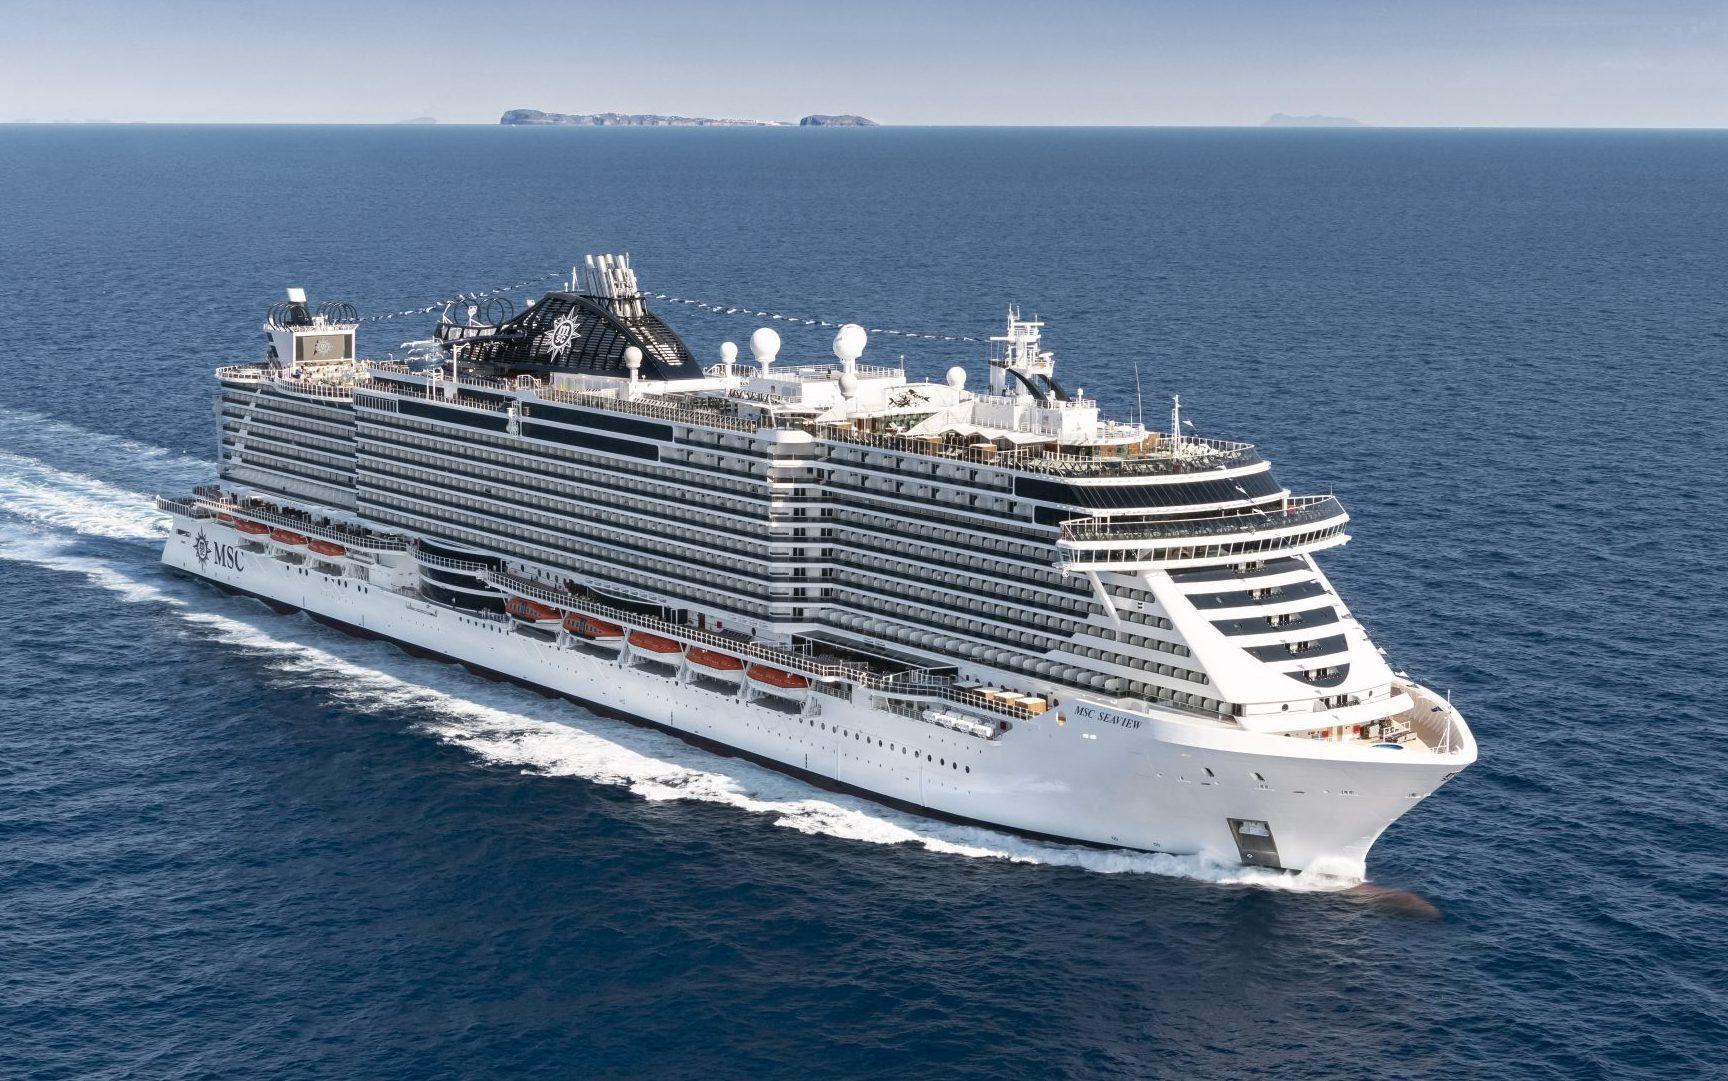 Næsten alle havne i Østersøregionen er lukkede for krydstogtskibe. Men Sverige og Estland giver nu mulighed for at MSC Seaview fra juli kan sejle krydstogter ud af Kiel til Sverige og Estland. PR-foto fra MSC Cruises.